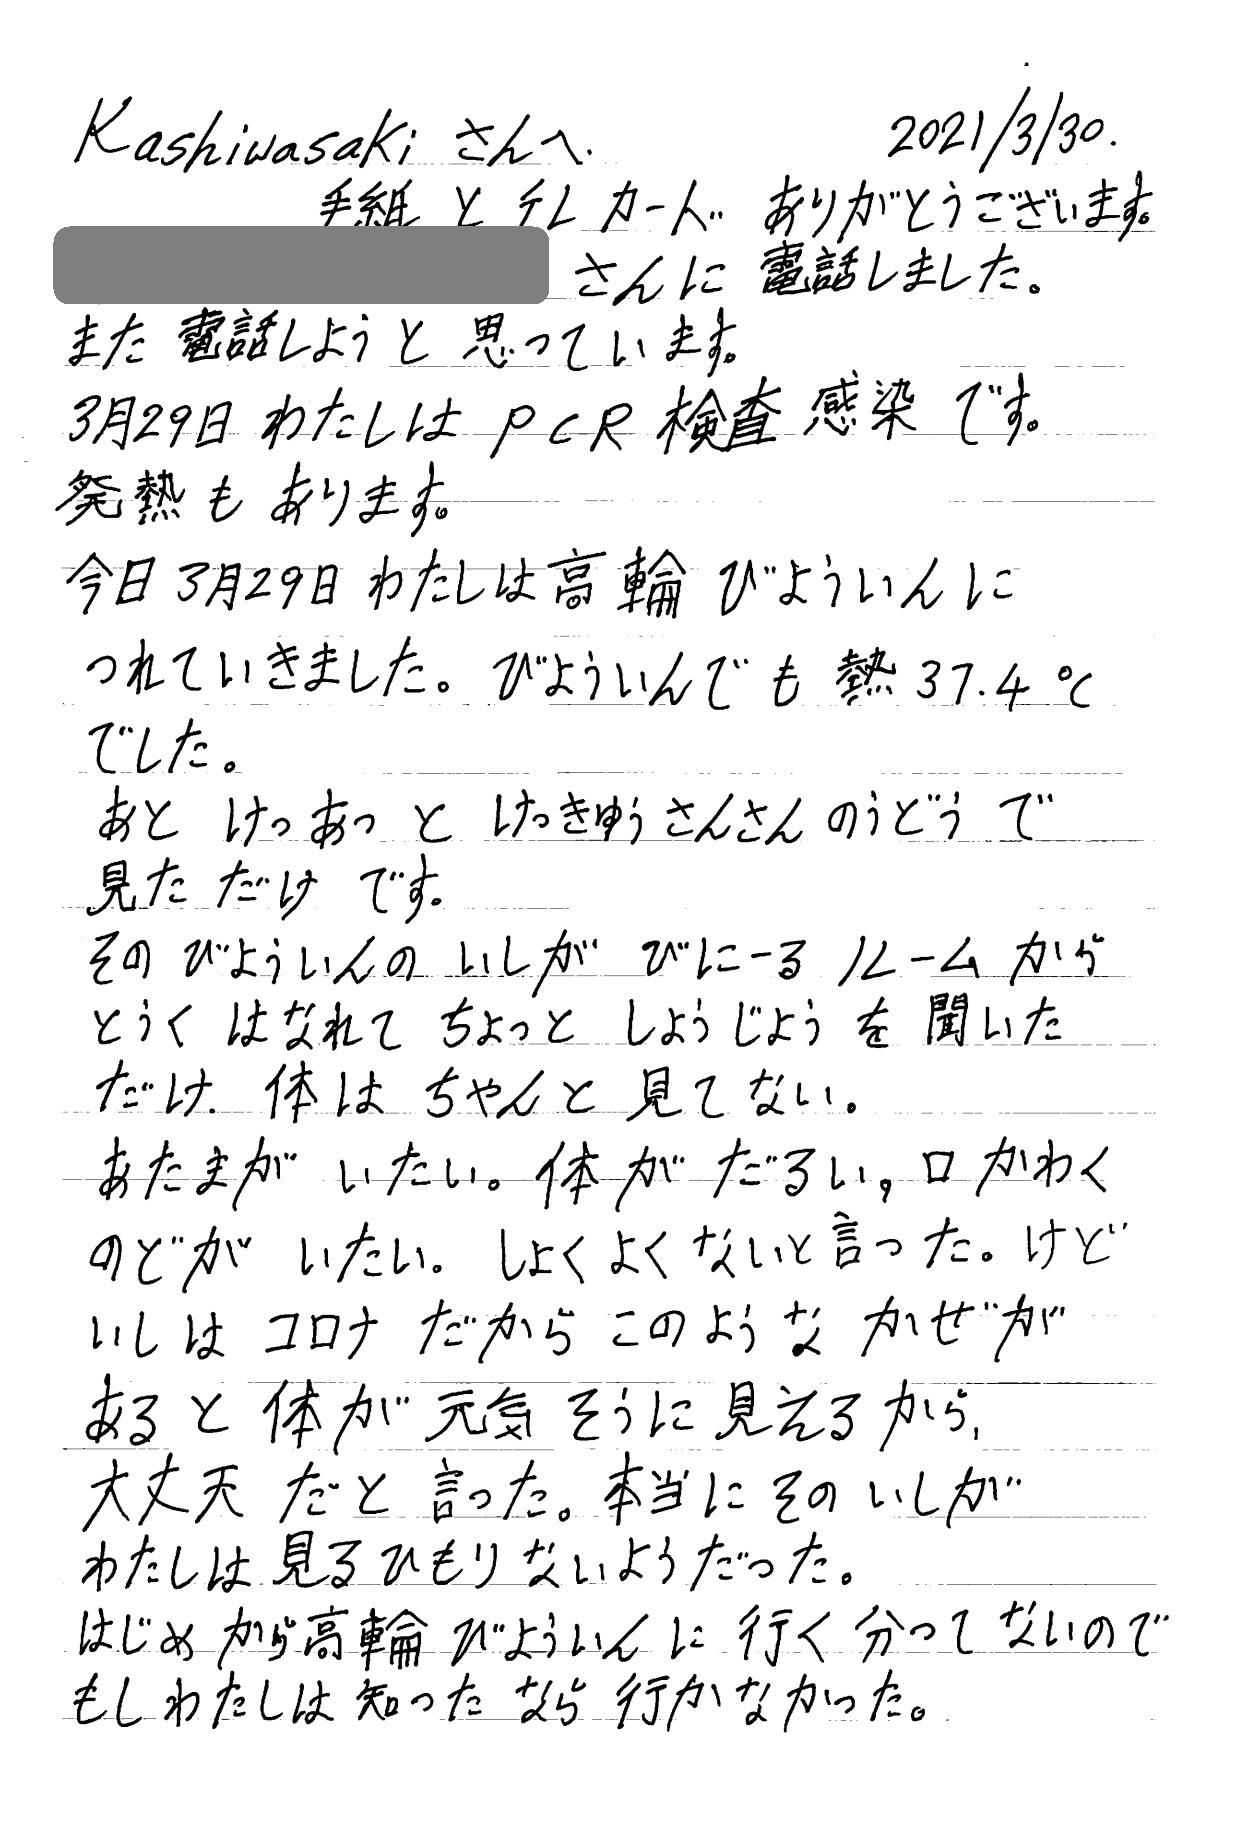 東京入管コロナ感染者の続報 40度の発熱でも放置、通院時には手錠 _e0188516_00540790.jpg